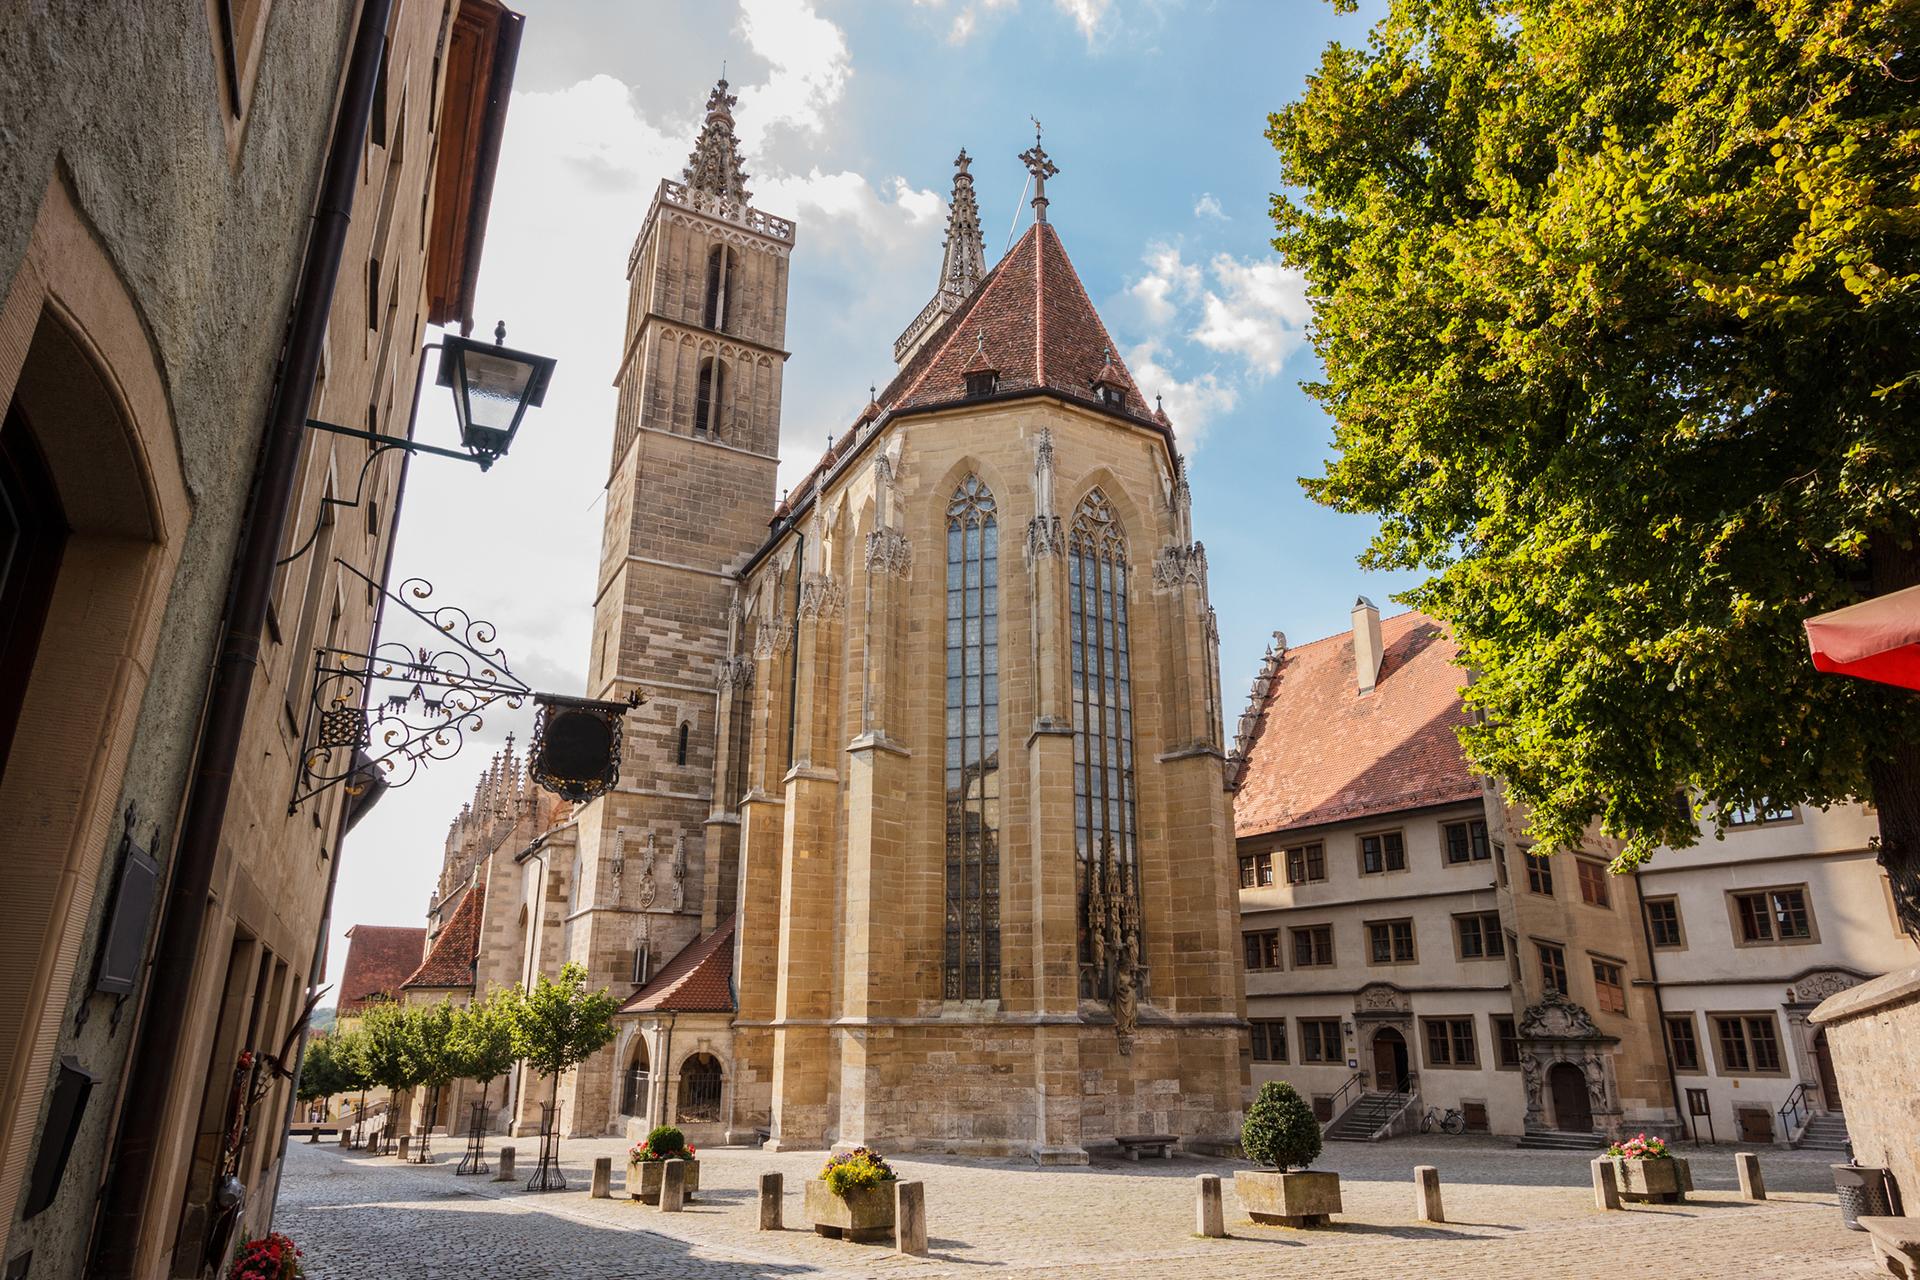 Die evangelisch-lutherische Stadtpfarrkirche St. Jakob in Rothenburg ob der Tauber